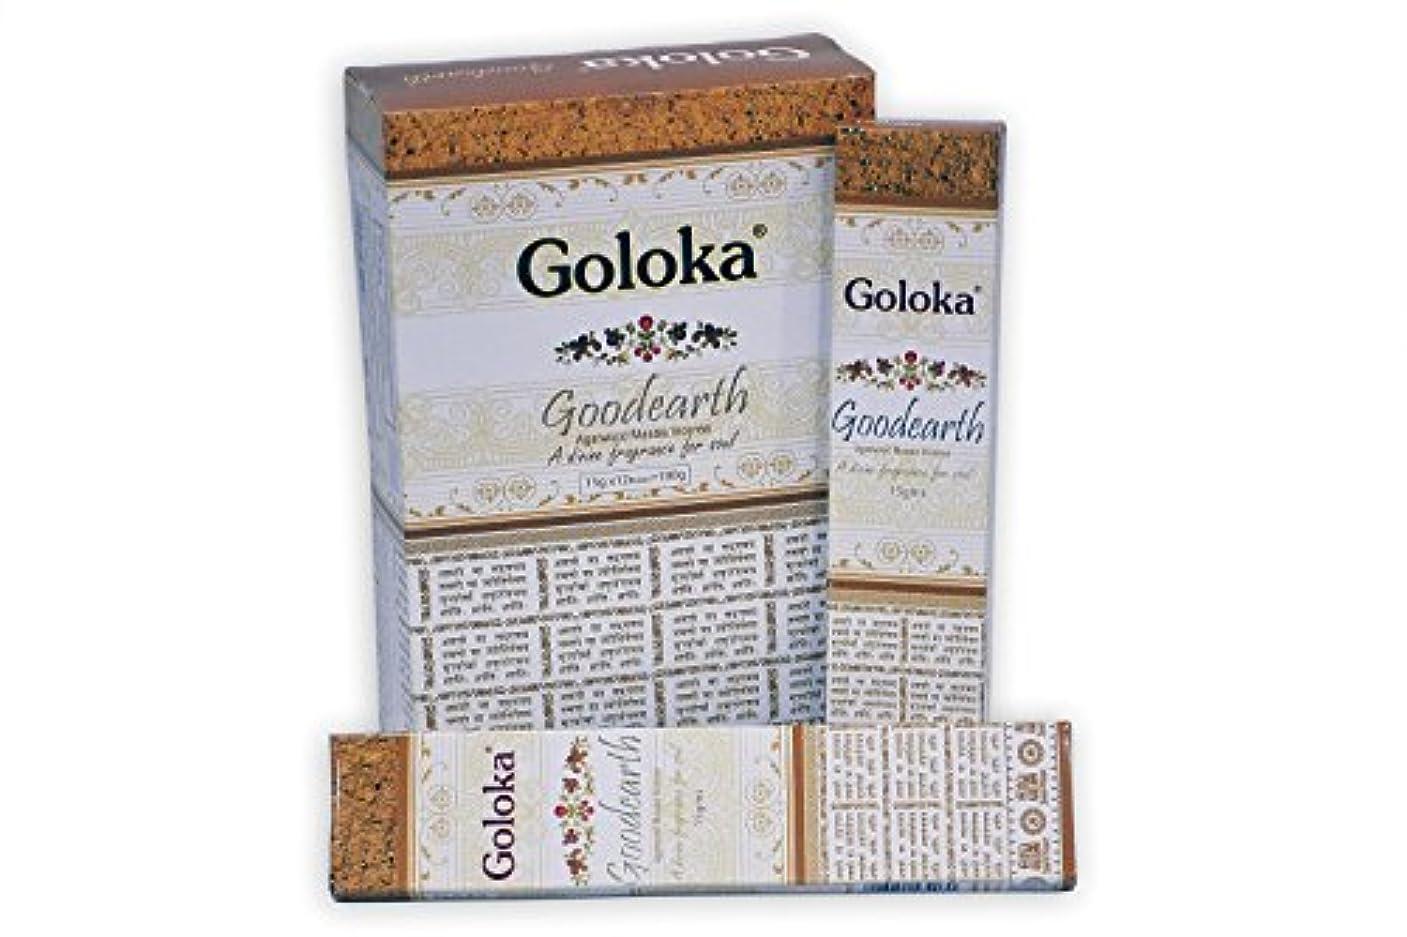 平均賄賂幸福GolokaプレミアムシリーズコレクションHigh End Incense sticks- 6ボックスの15 gms (合計90 gms )